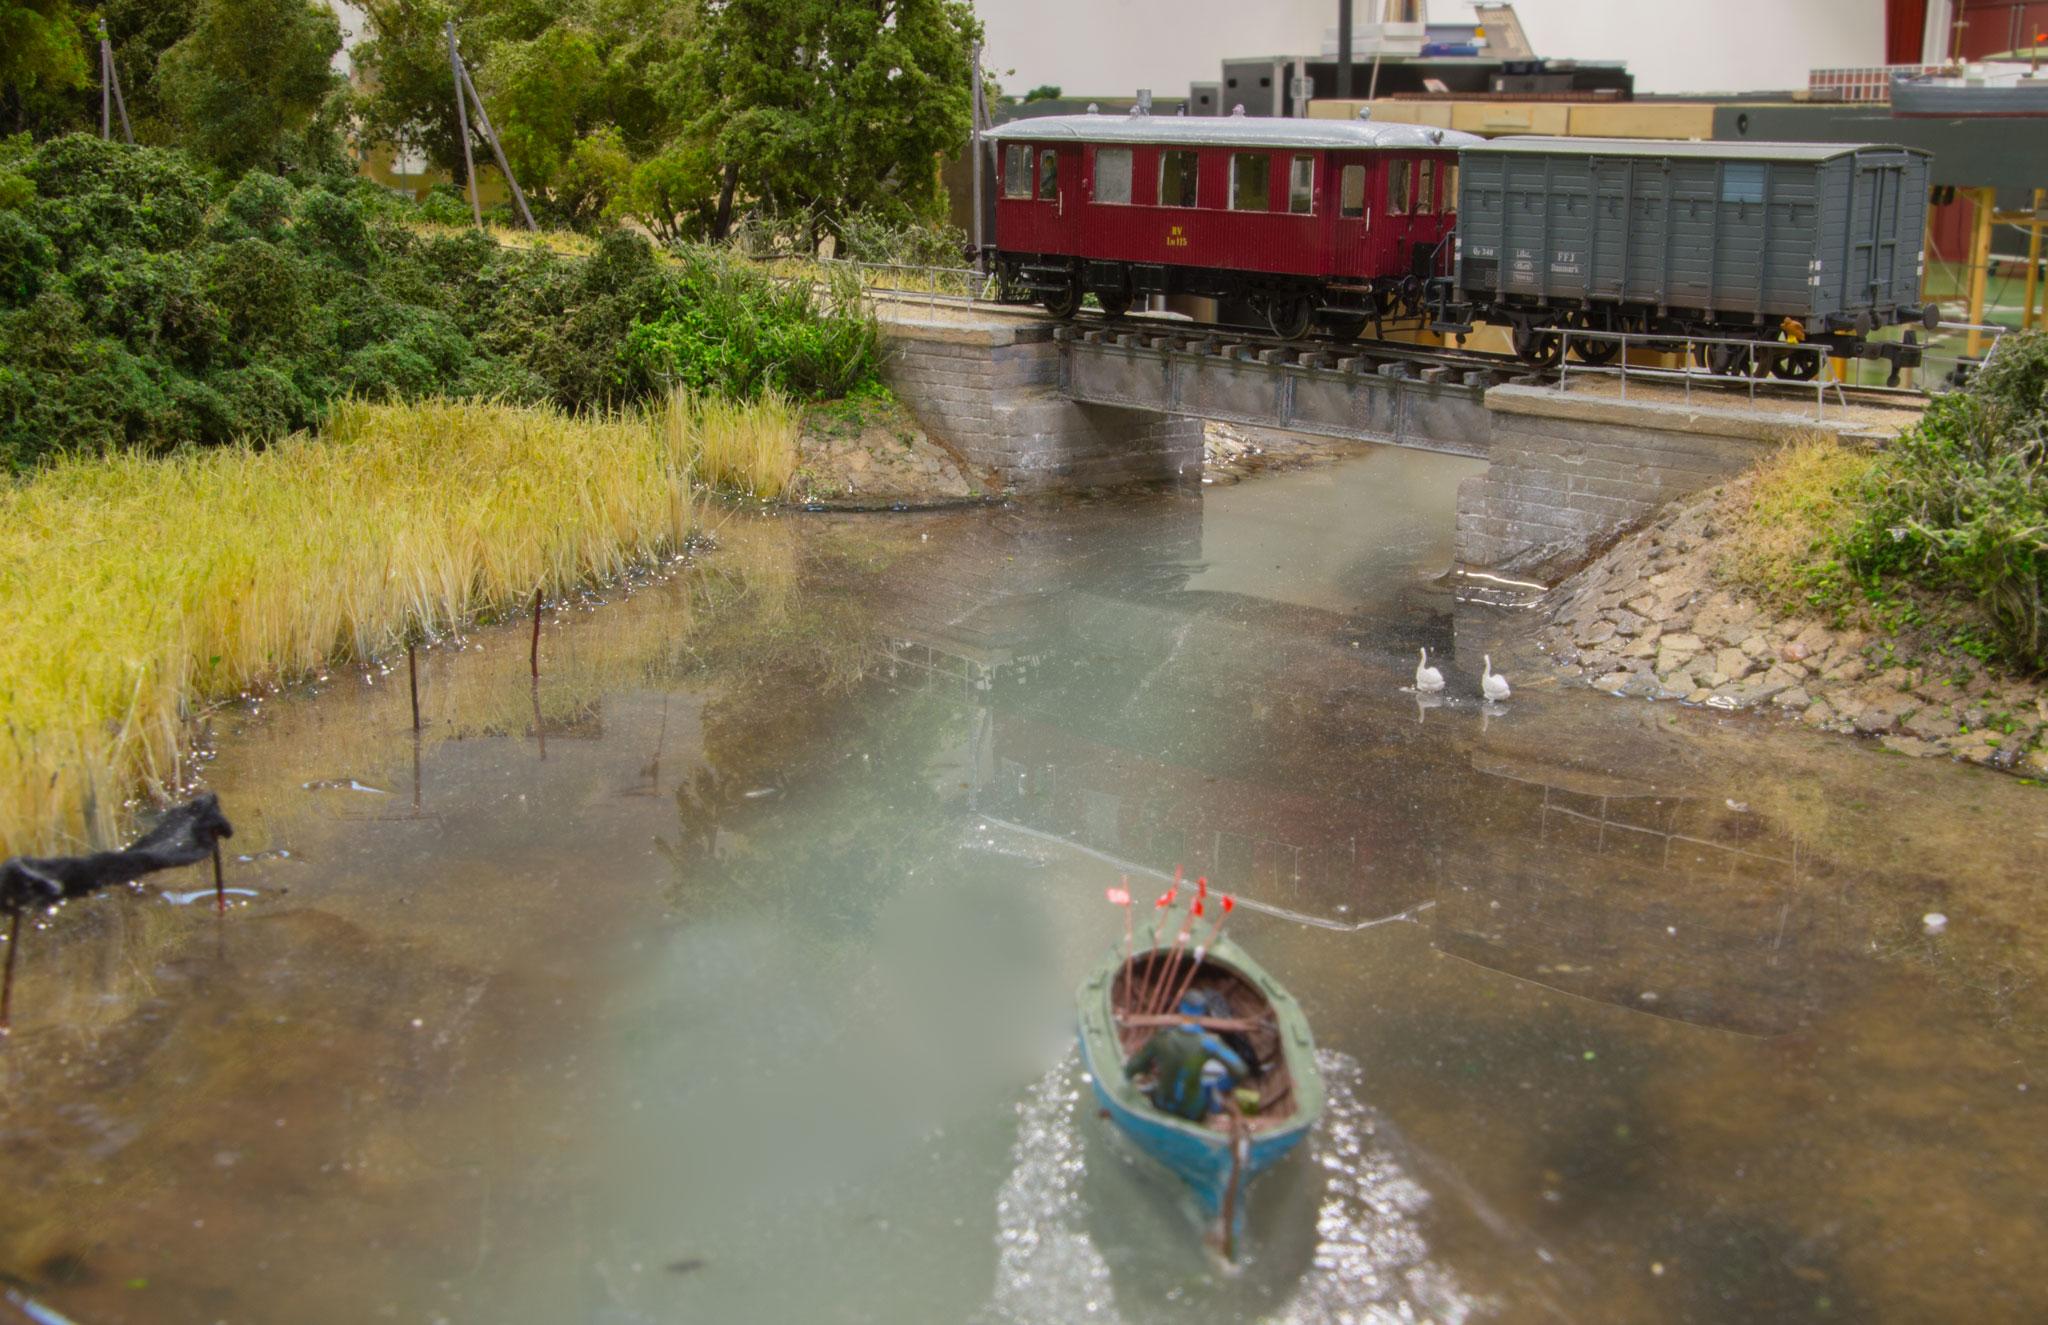 Et motortog passerer broen ved Næsset